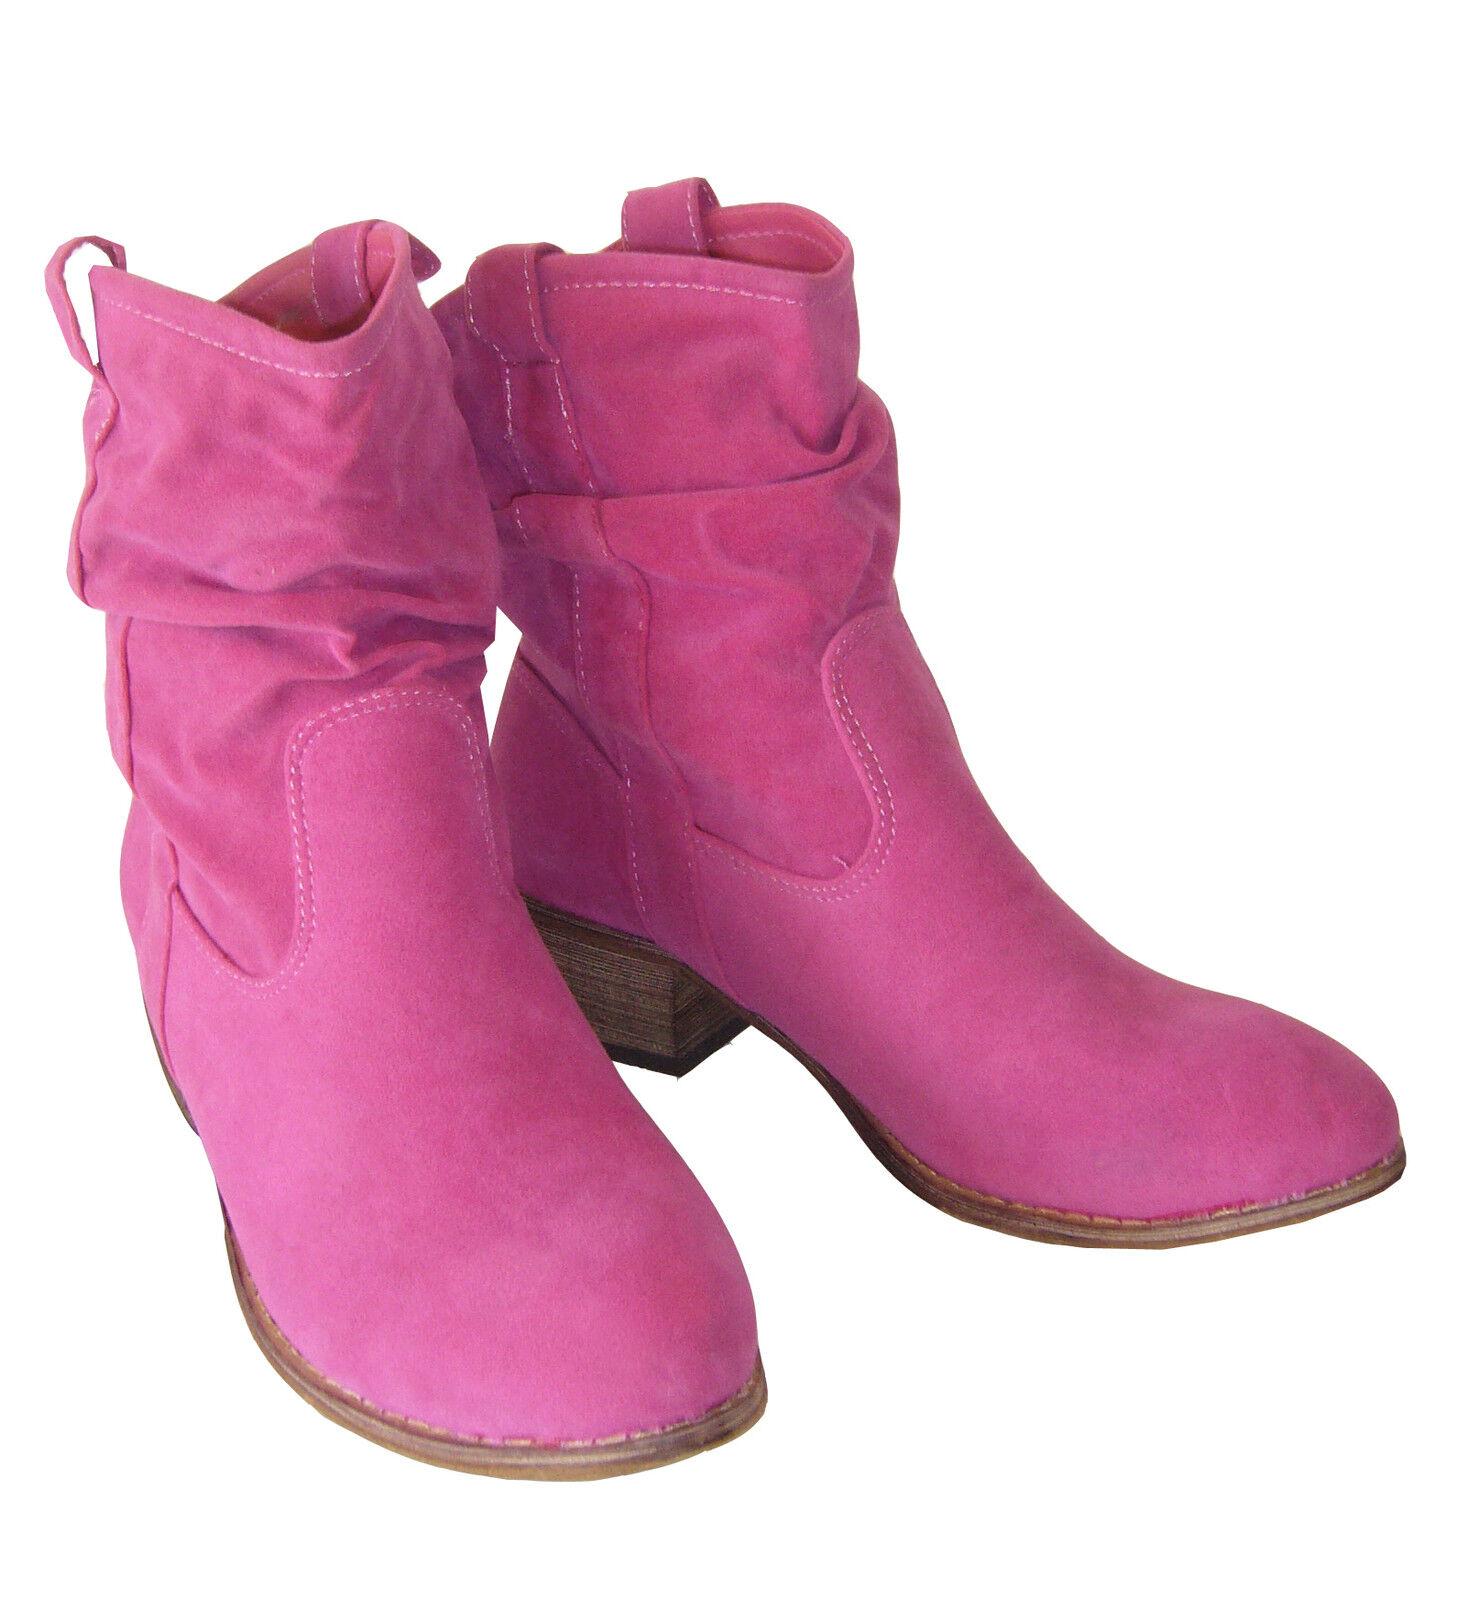 Slouchstiefel Stiefel botas 37 gefüttert Westernstiefel Rosa Tanzzapatos 37 botas Neu f3189c